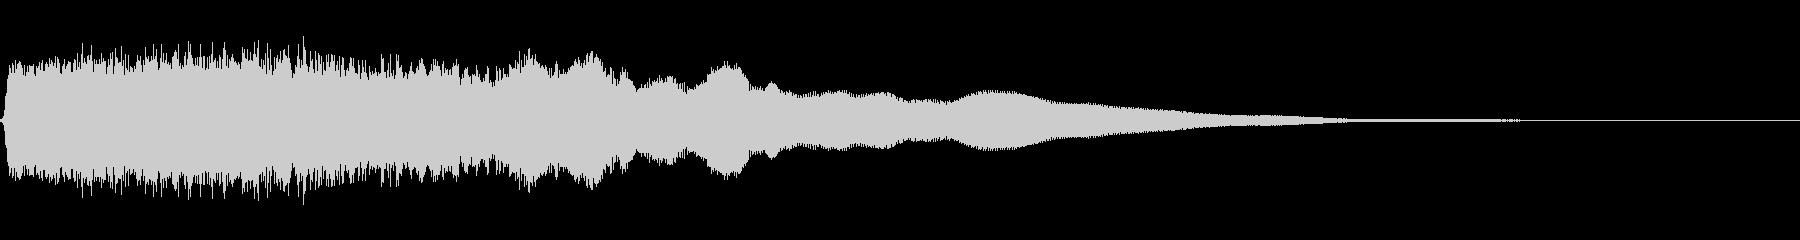 ロックバンパー4の未再生の波形